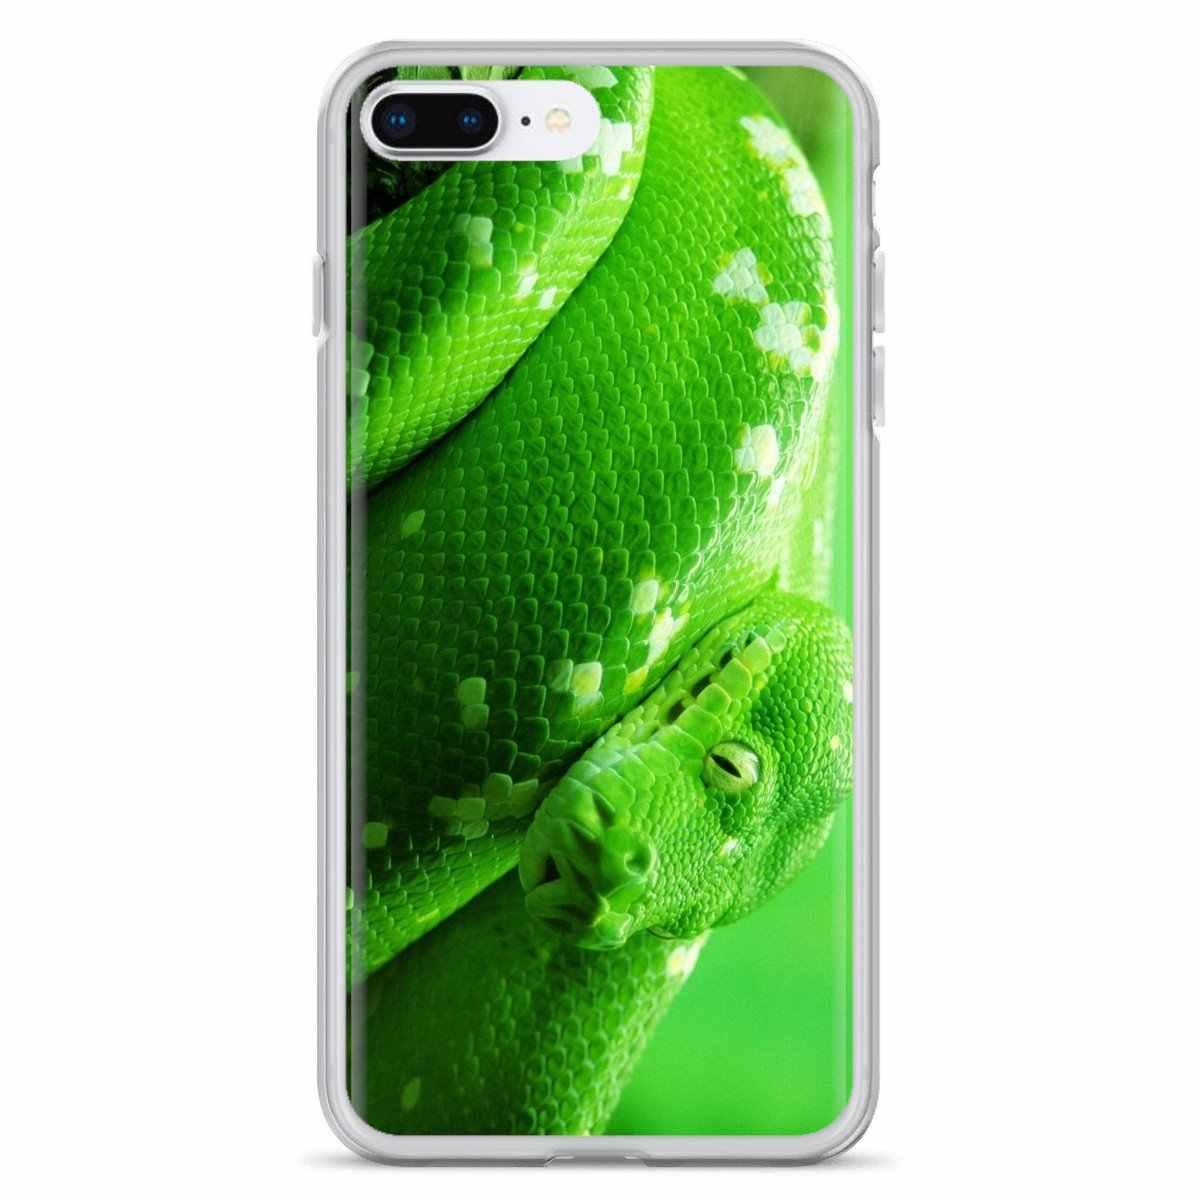 עבור Sony Xperia Z5 XZ XA1 XA2 פרימיום ULTRA 10 X L2 ירוק נחש דפוס פוסטר סיליקון מעטפת כיסוי